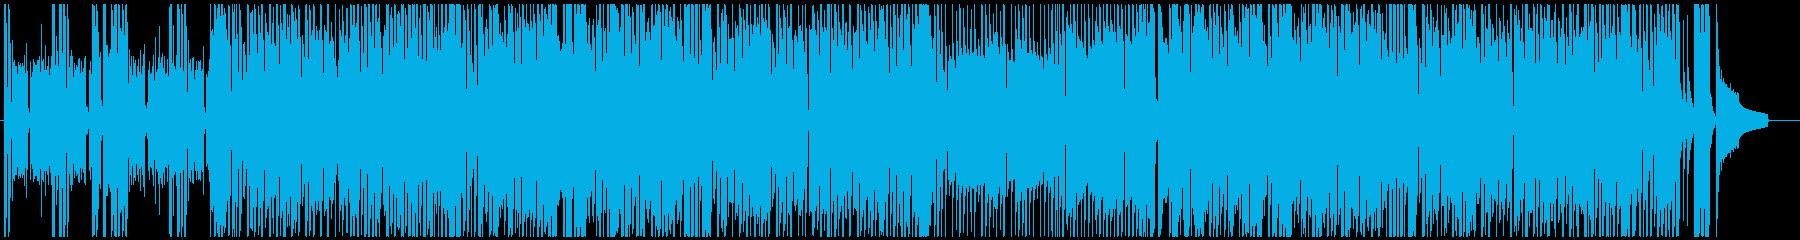 ギャグ落ち・ドッキリ大成功のBGMの再生済みの波形